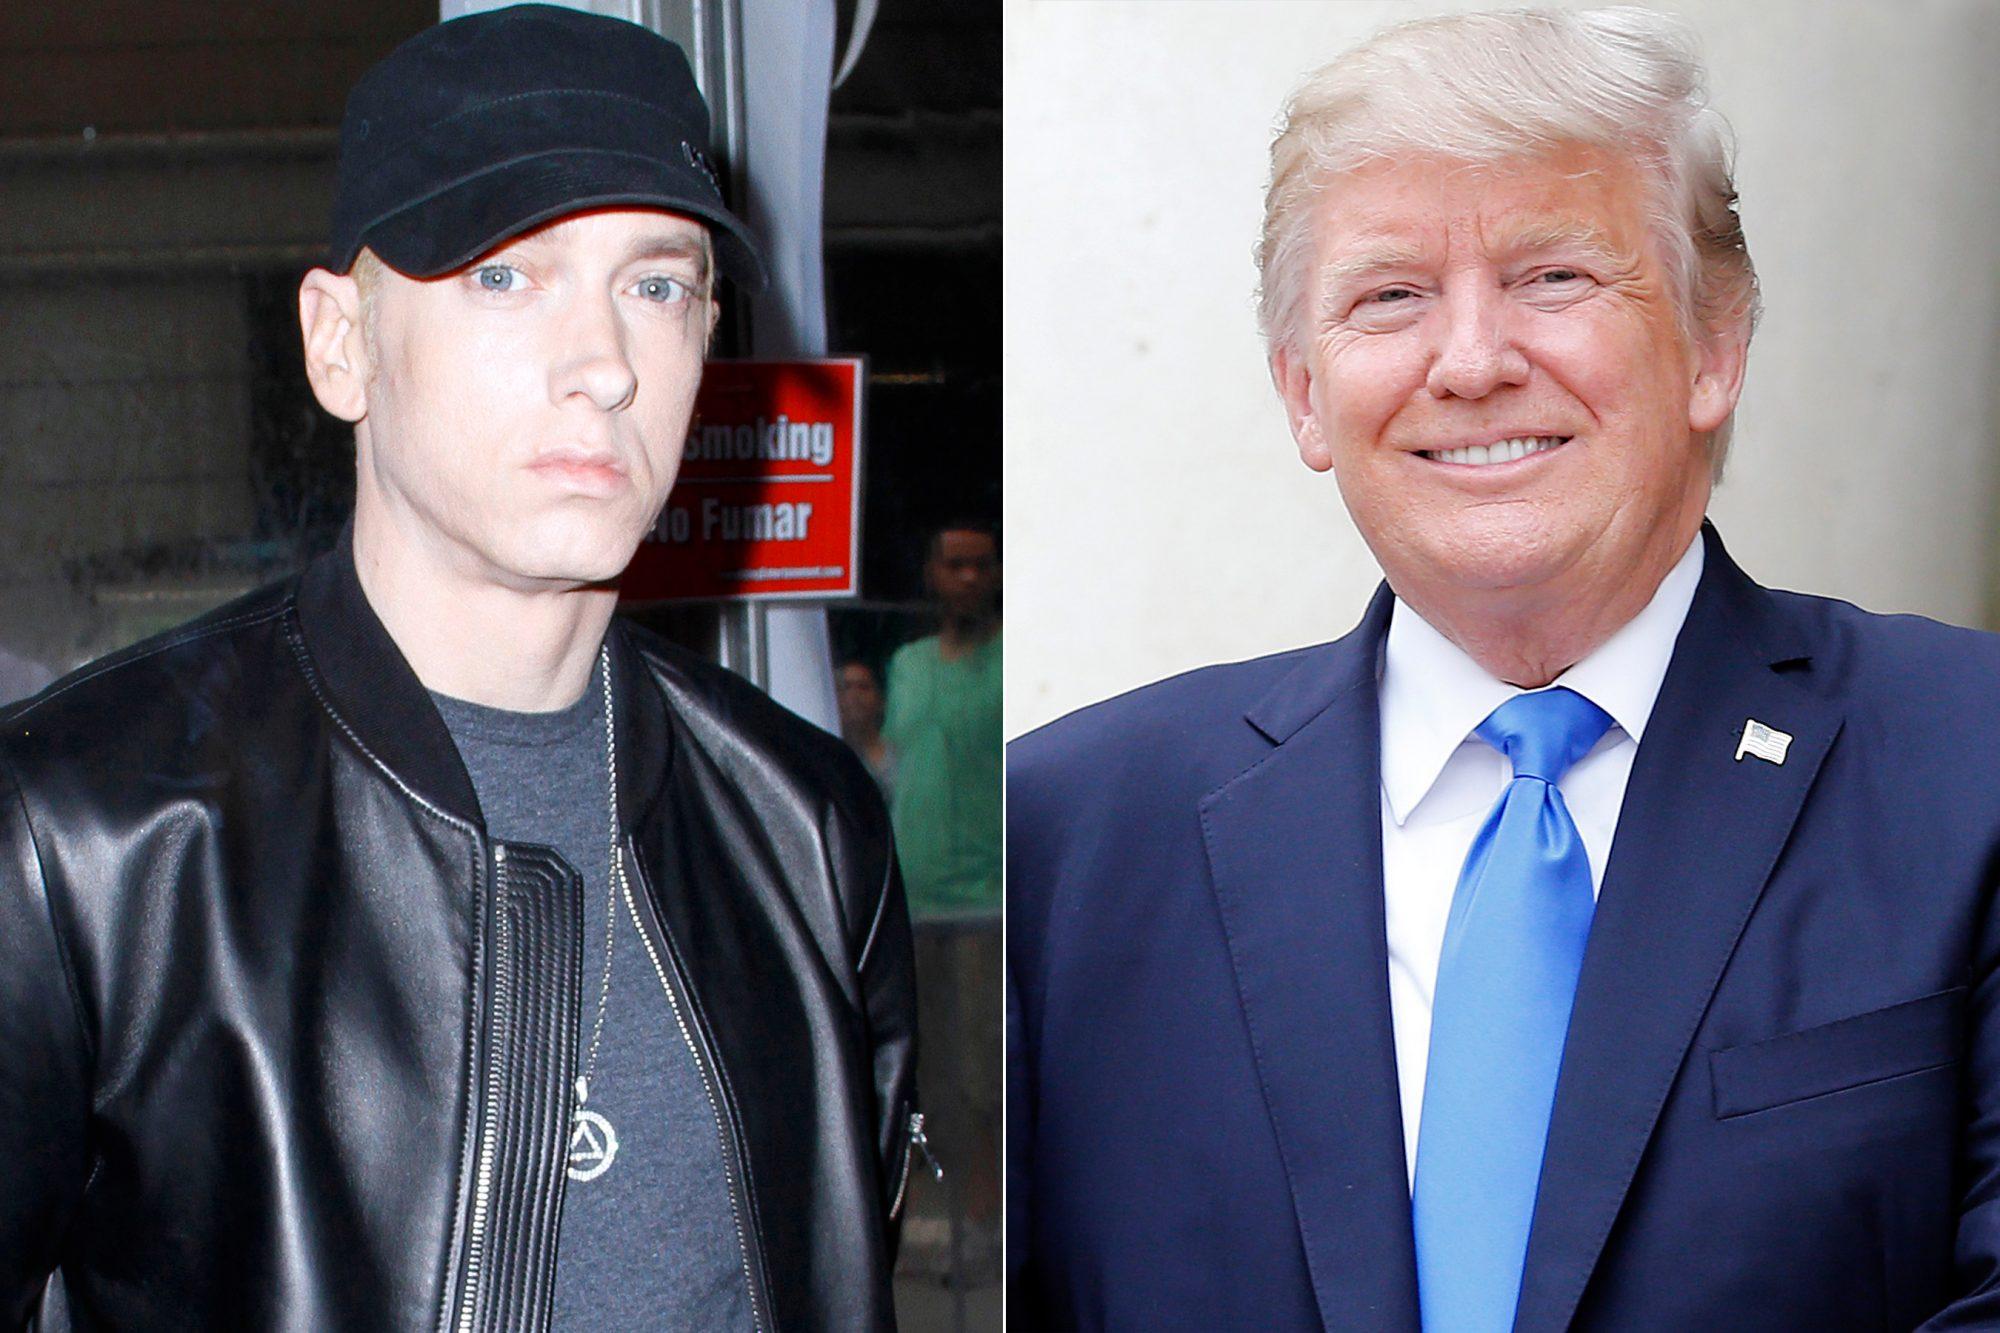 Eminem/Donald Trump